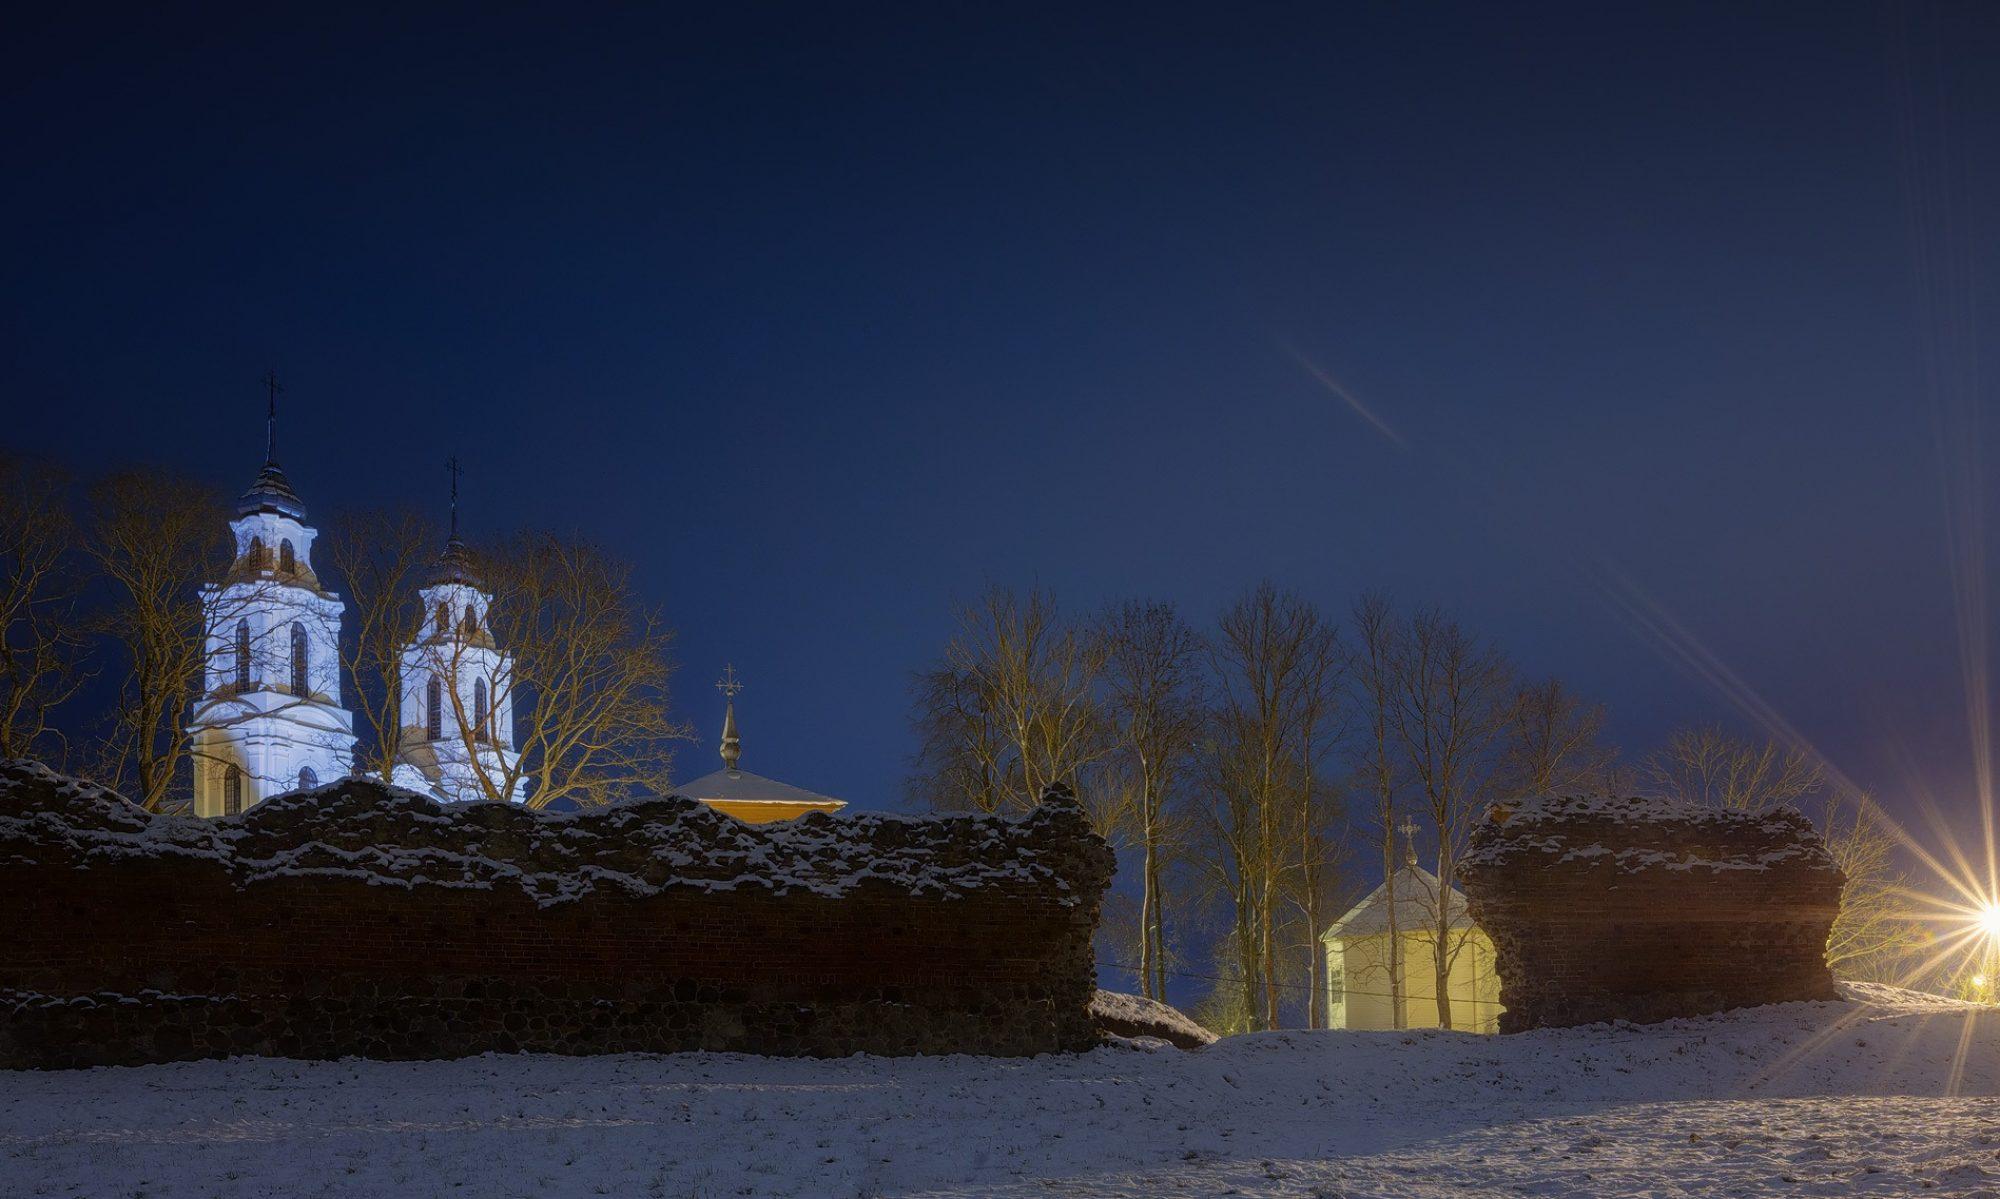 Ludzas katoļu baznīca